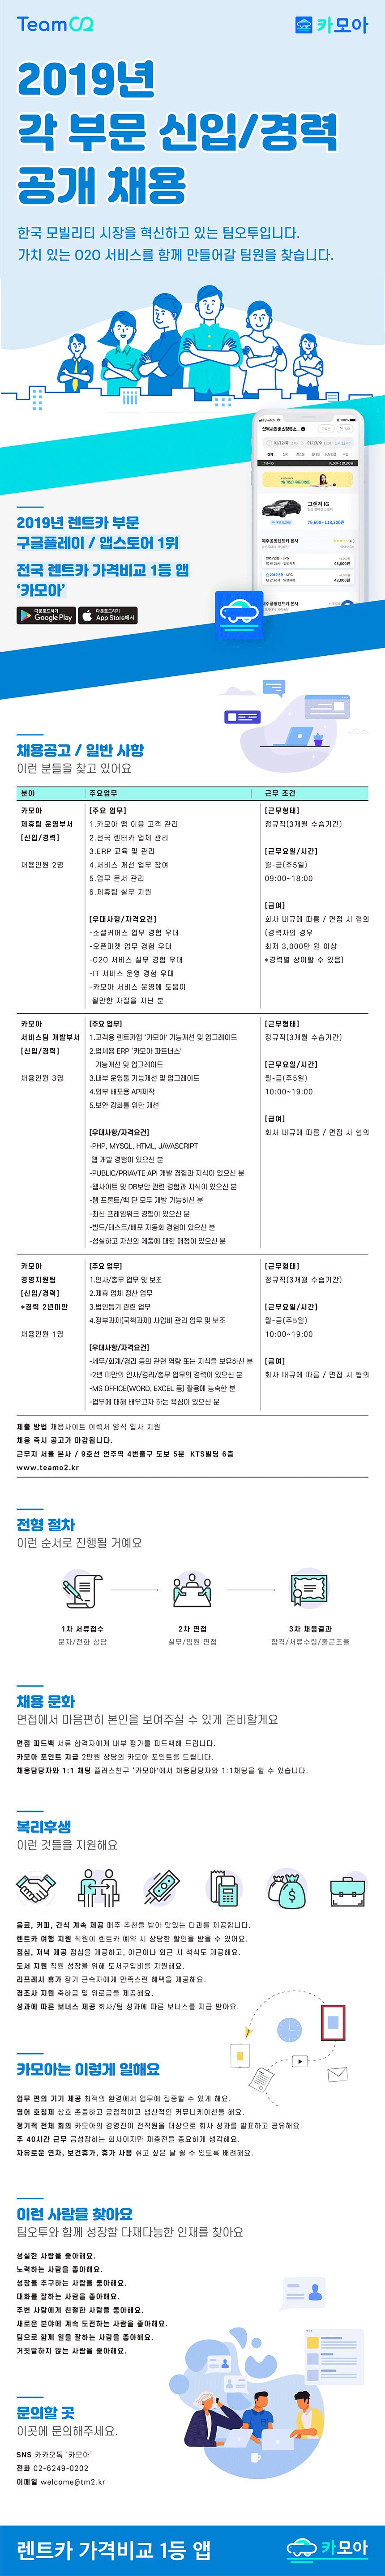 2019년 각 부문 신입/경력 채용 - 영업관리,CS/개발/경영지원